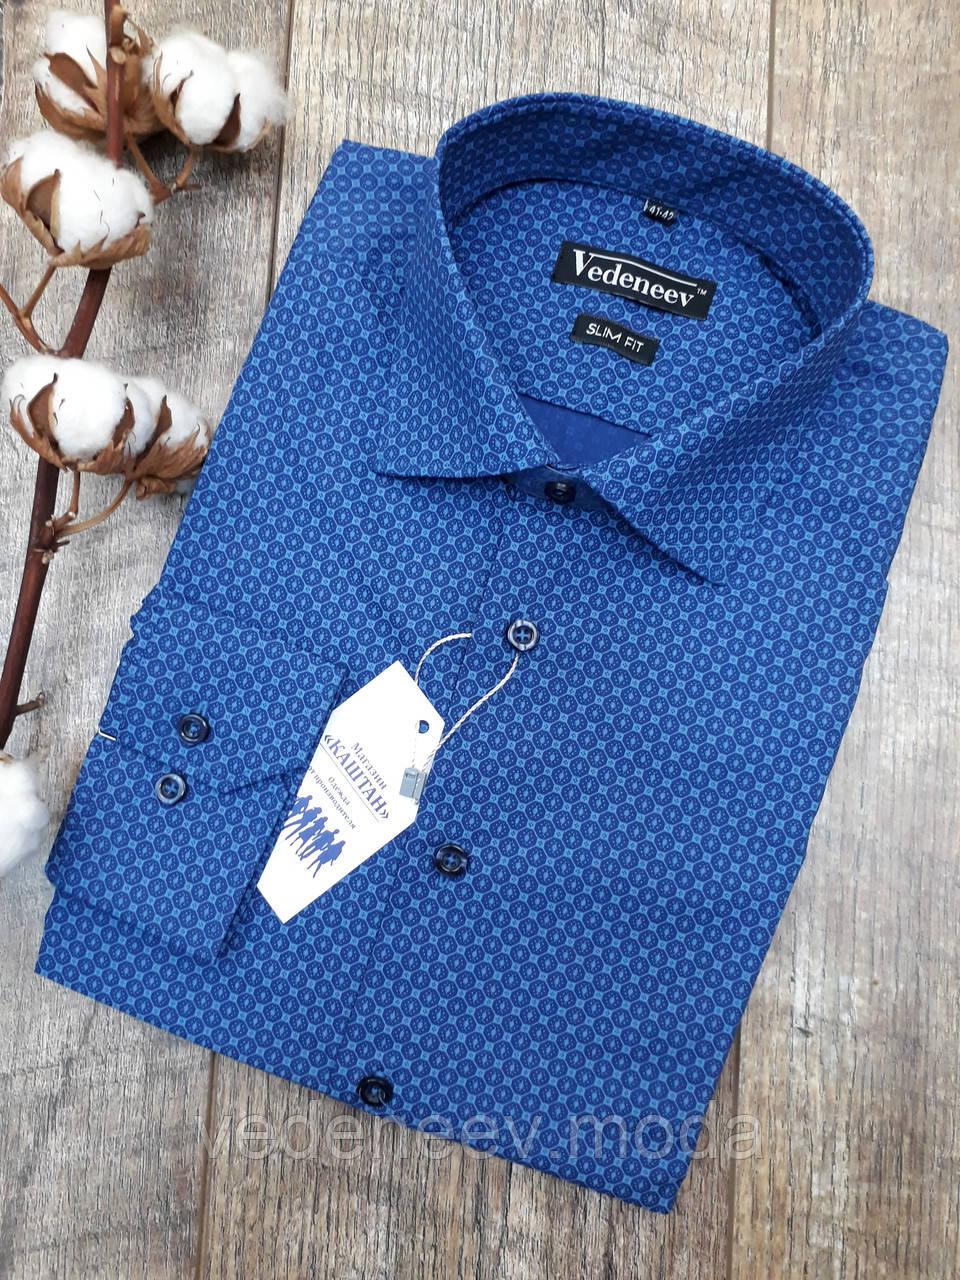 Приталенная синяя рубашка в голубой принт 100% хлопок Slim Fit